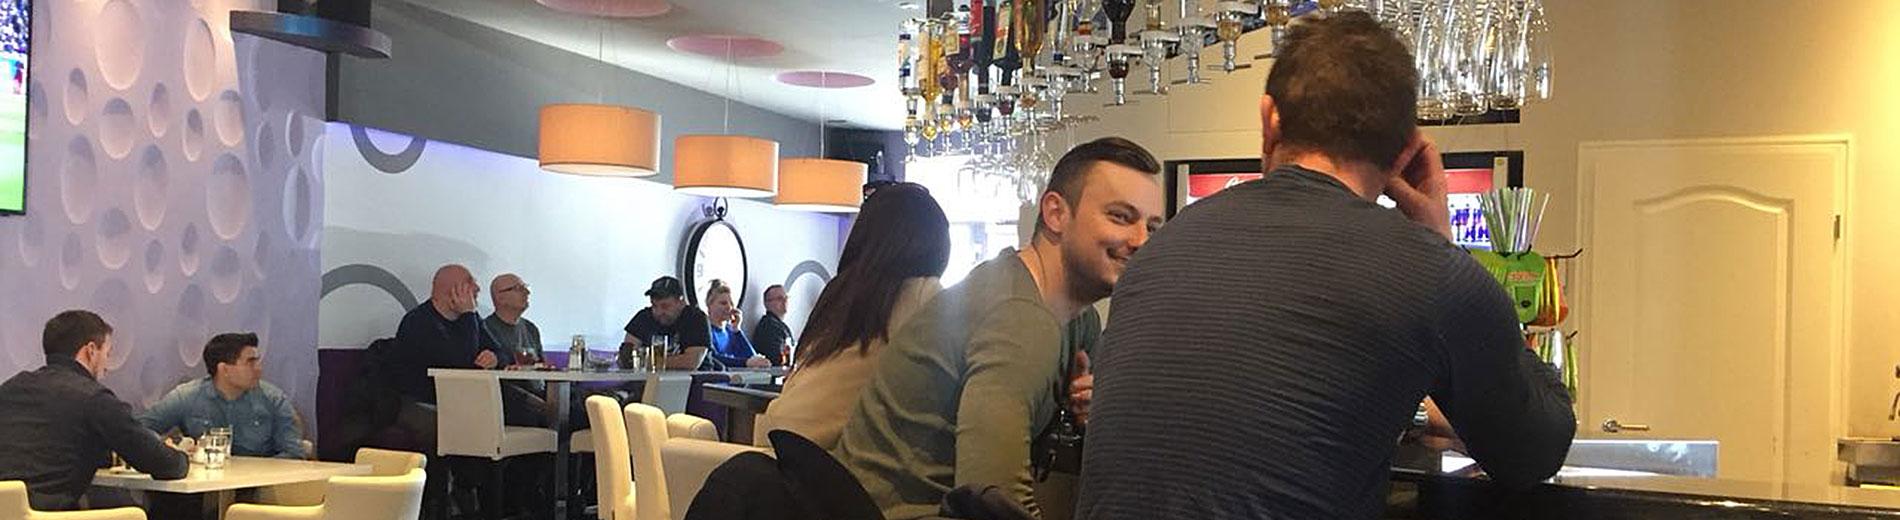 Cafe Bar Bistro Millennium Ingolstadt